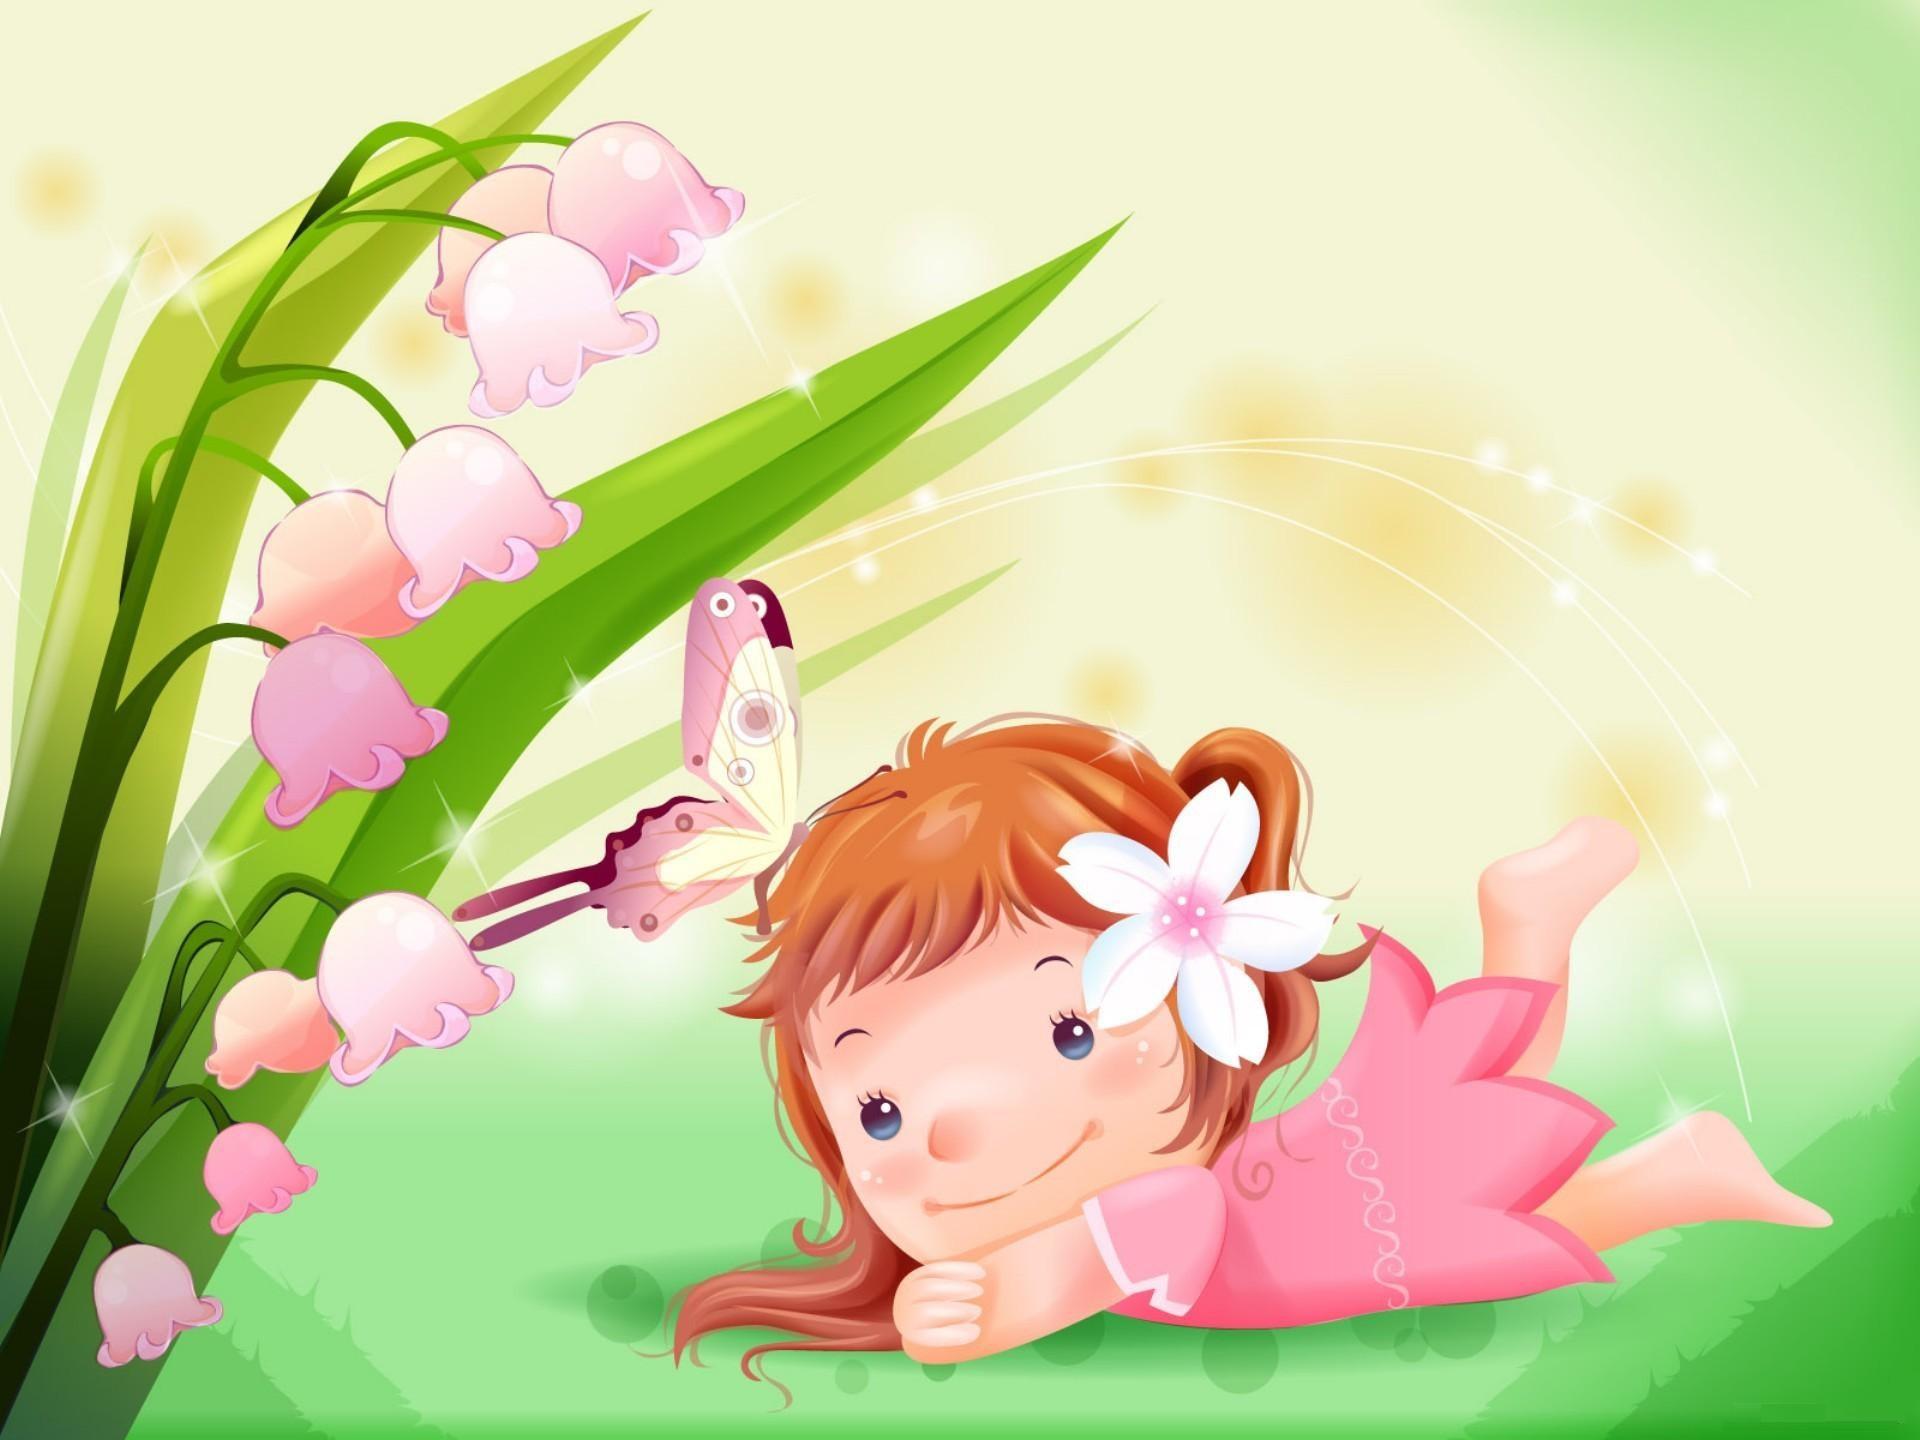 Cute Cartoon Girl With Flower Hd Wallpaper Desktop Cute Cartoon Wallpapers For Girls 1920x1440 Download Hd Wallpaper Wallpapertip